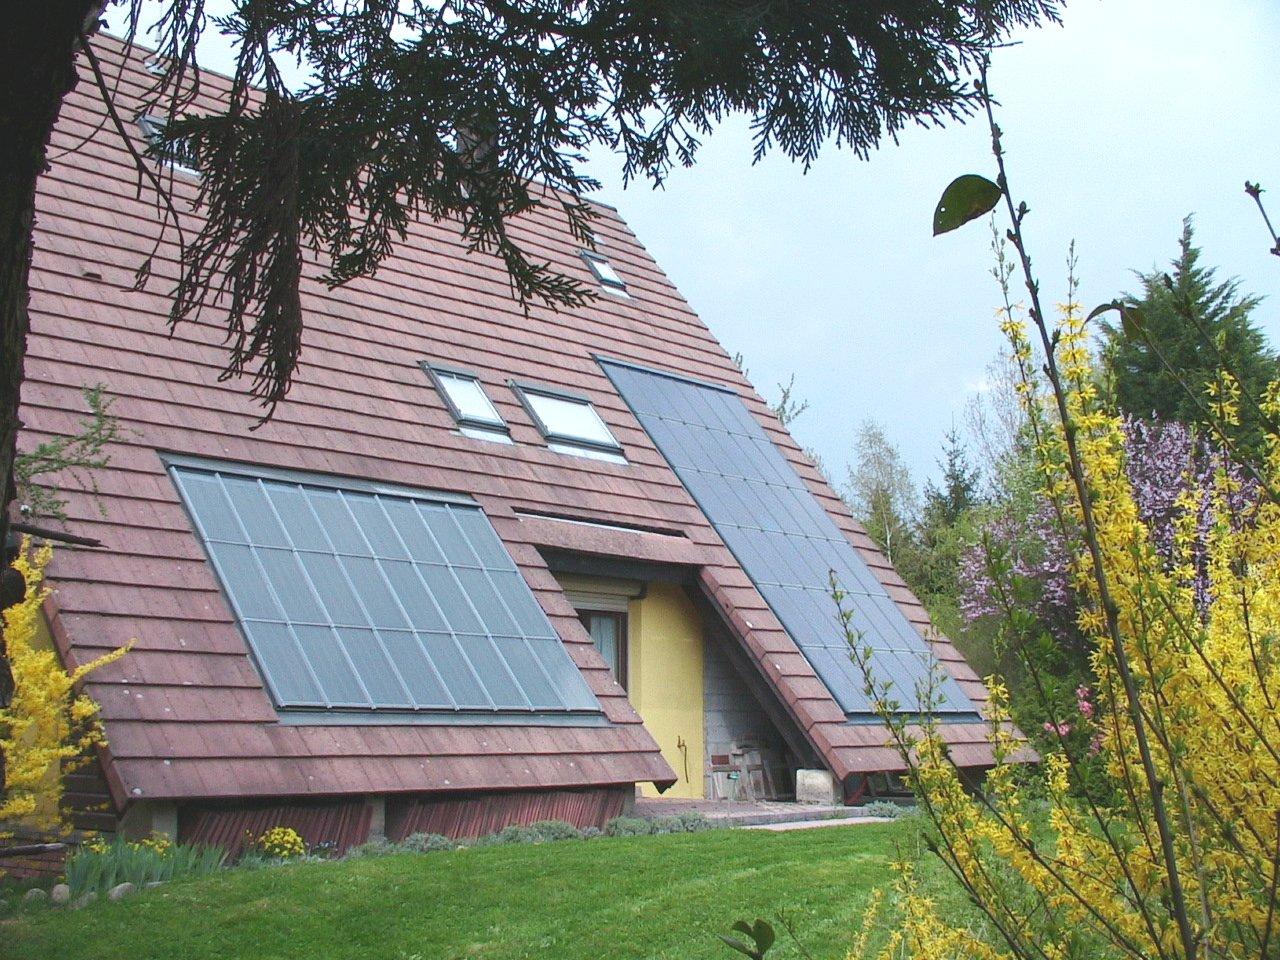 panneaux solaires photovoltaïques personnels - atelier de l'habitat